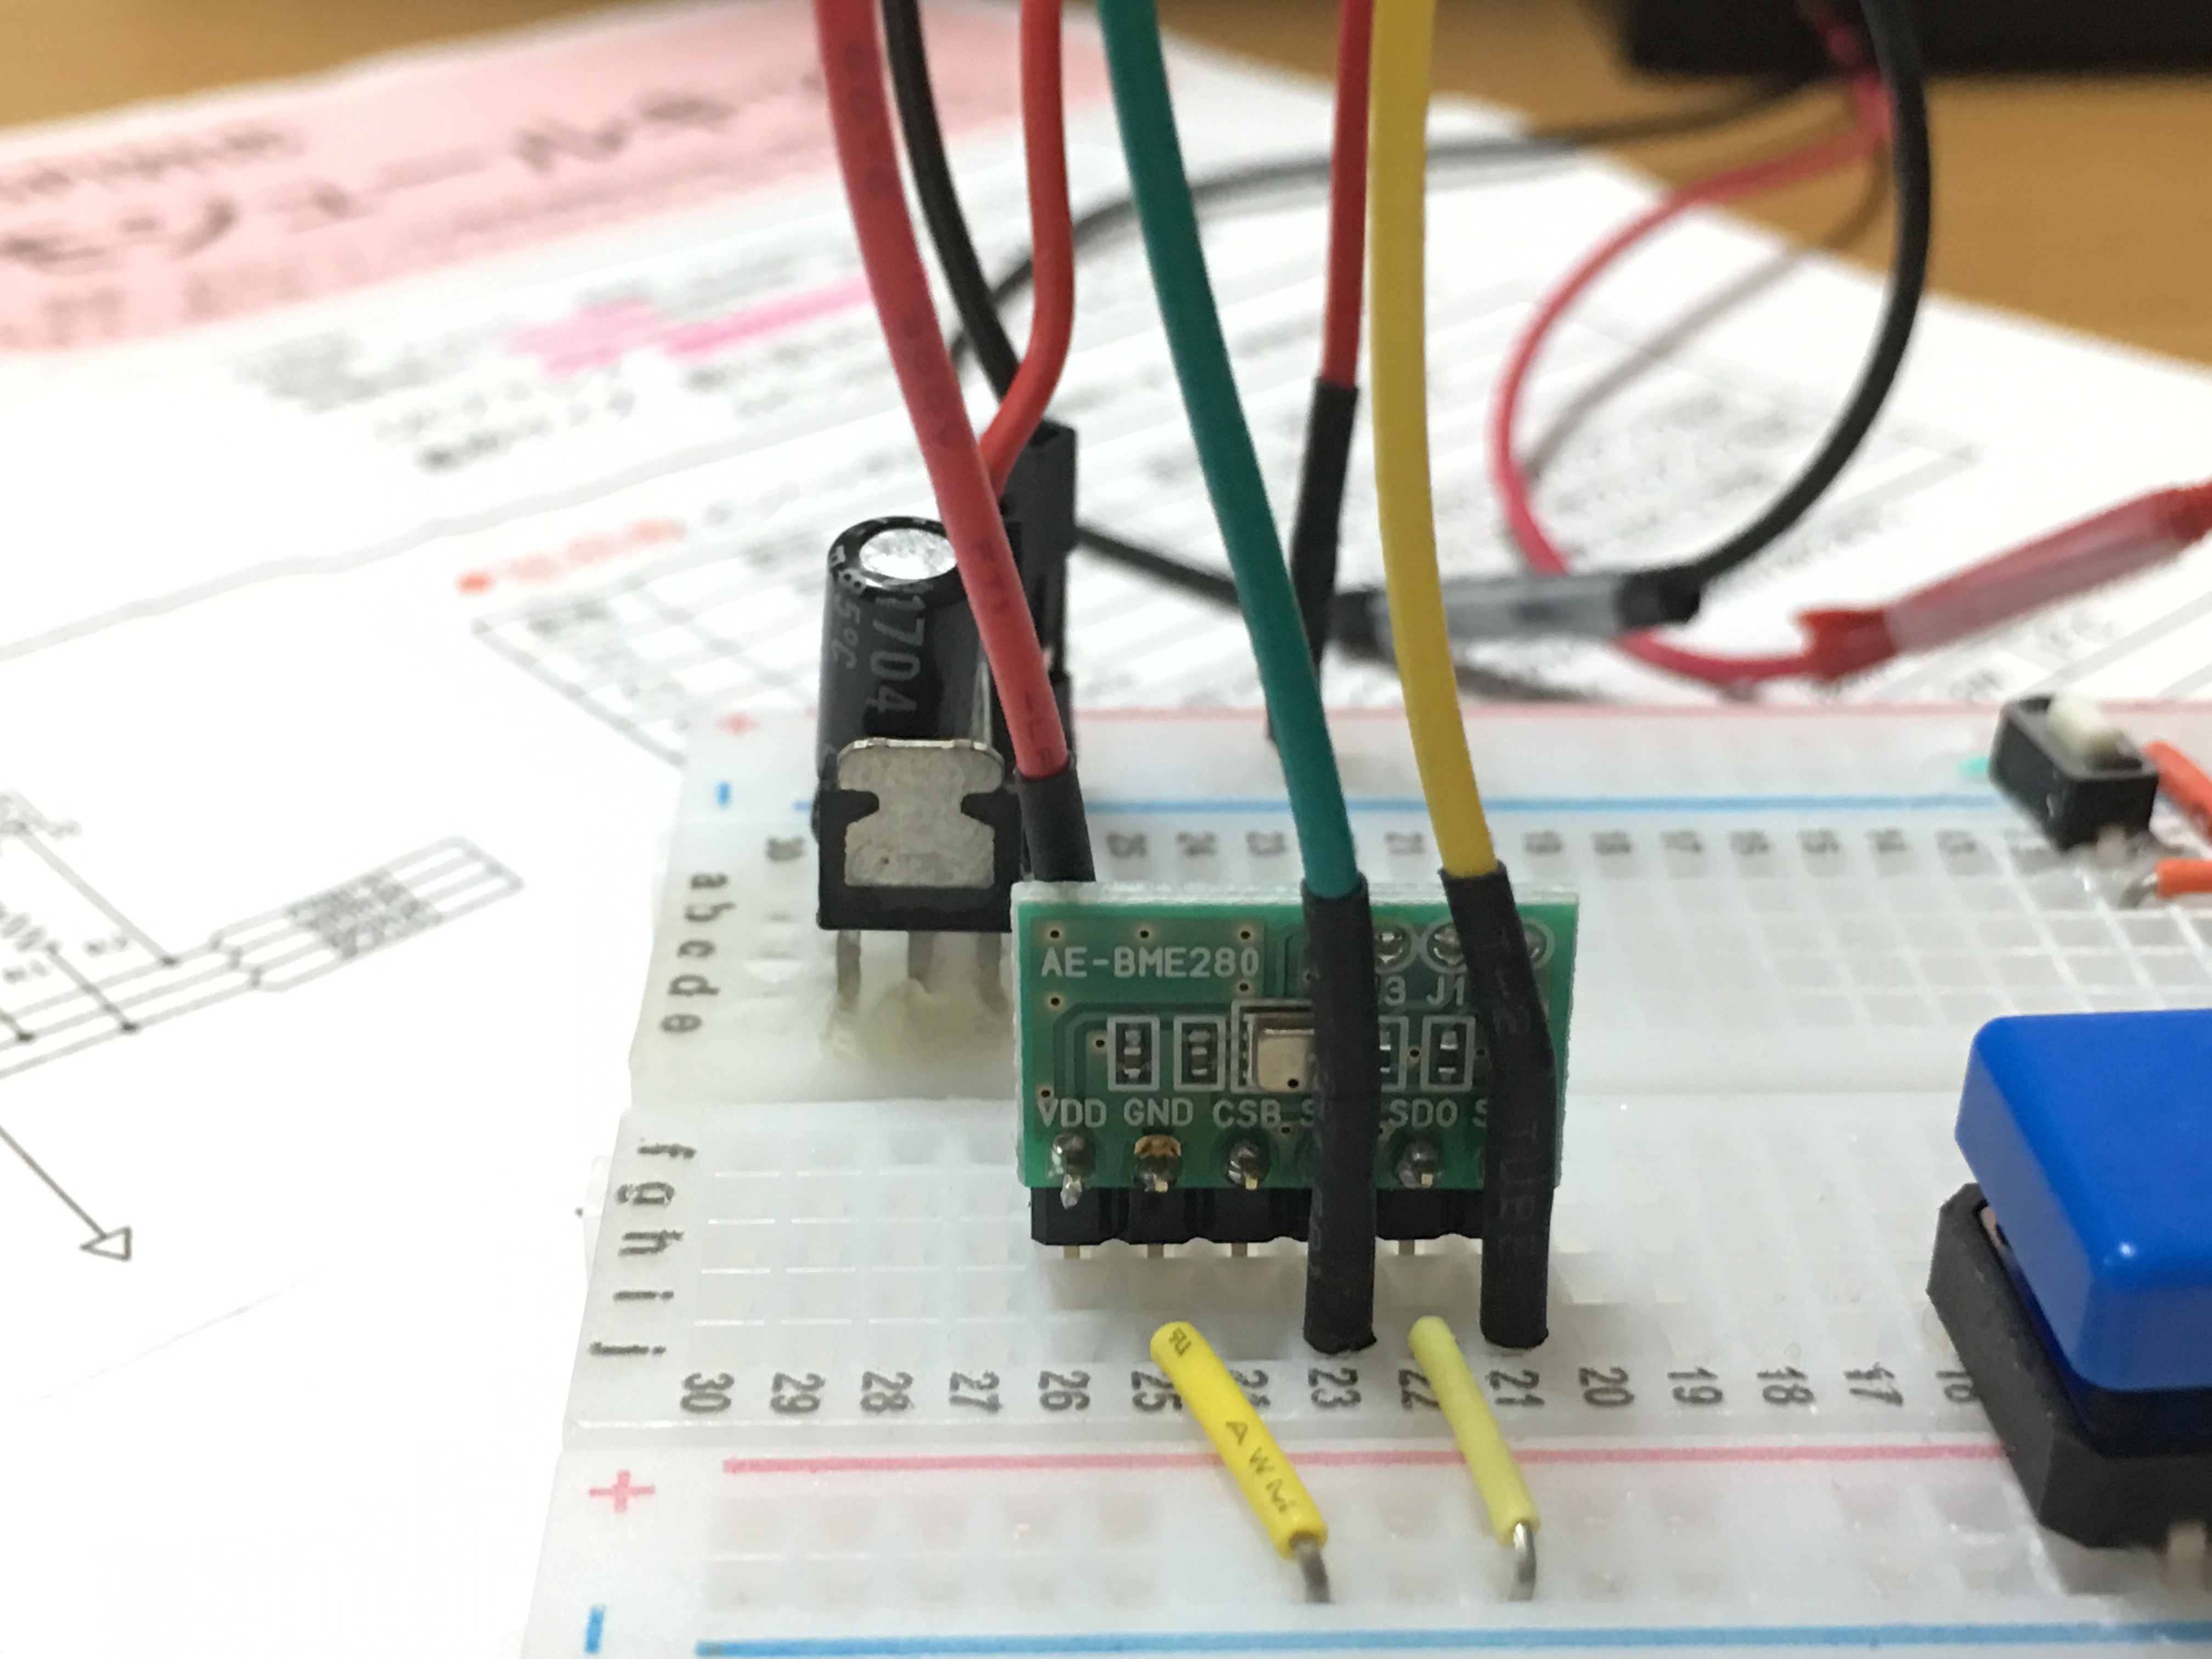 ESP-WROOM-02とBME280でとことん長持ちするセンサーをつくる。BMW280 イー・レンジャー株式会社